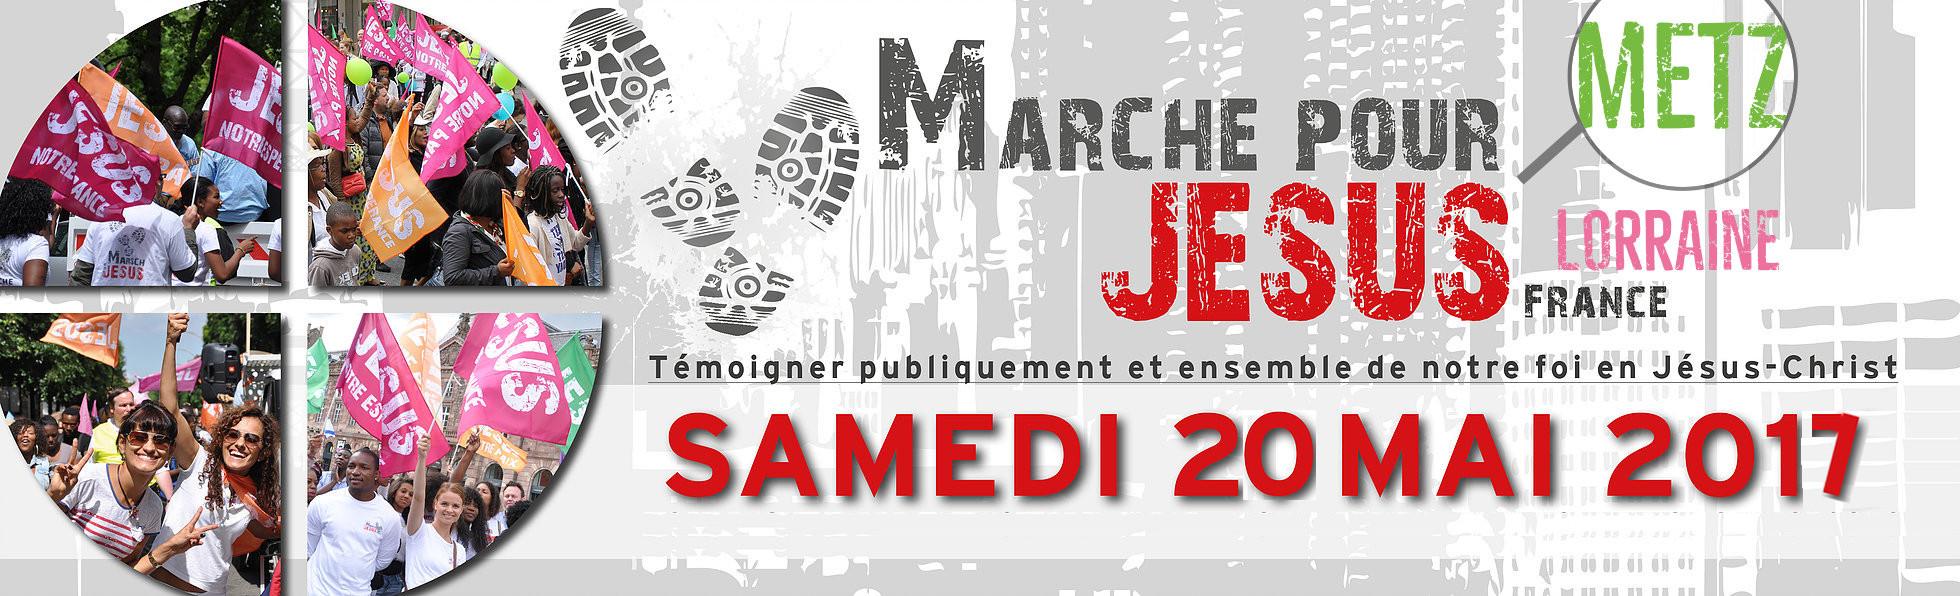 Marche Pour Jésus Lorraine